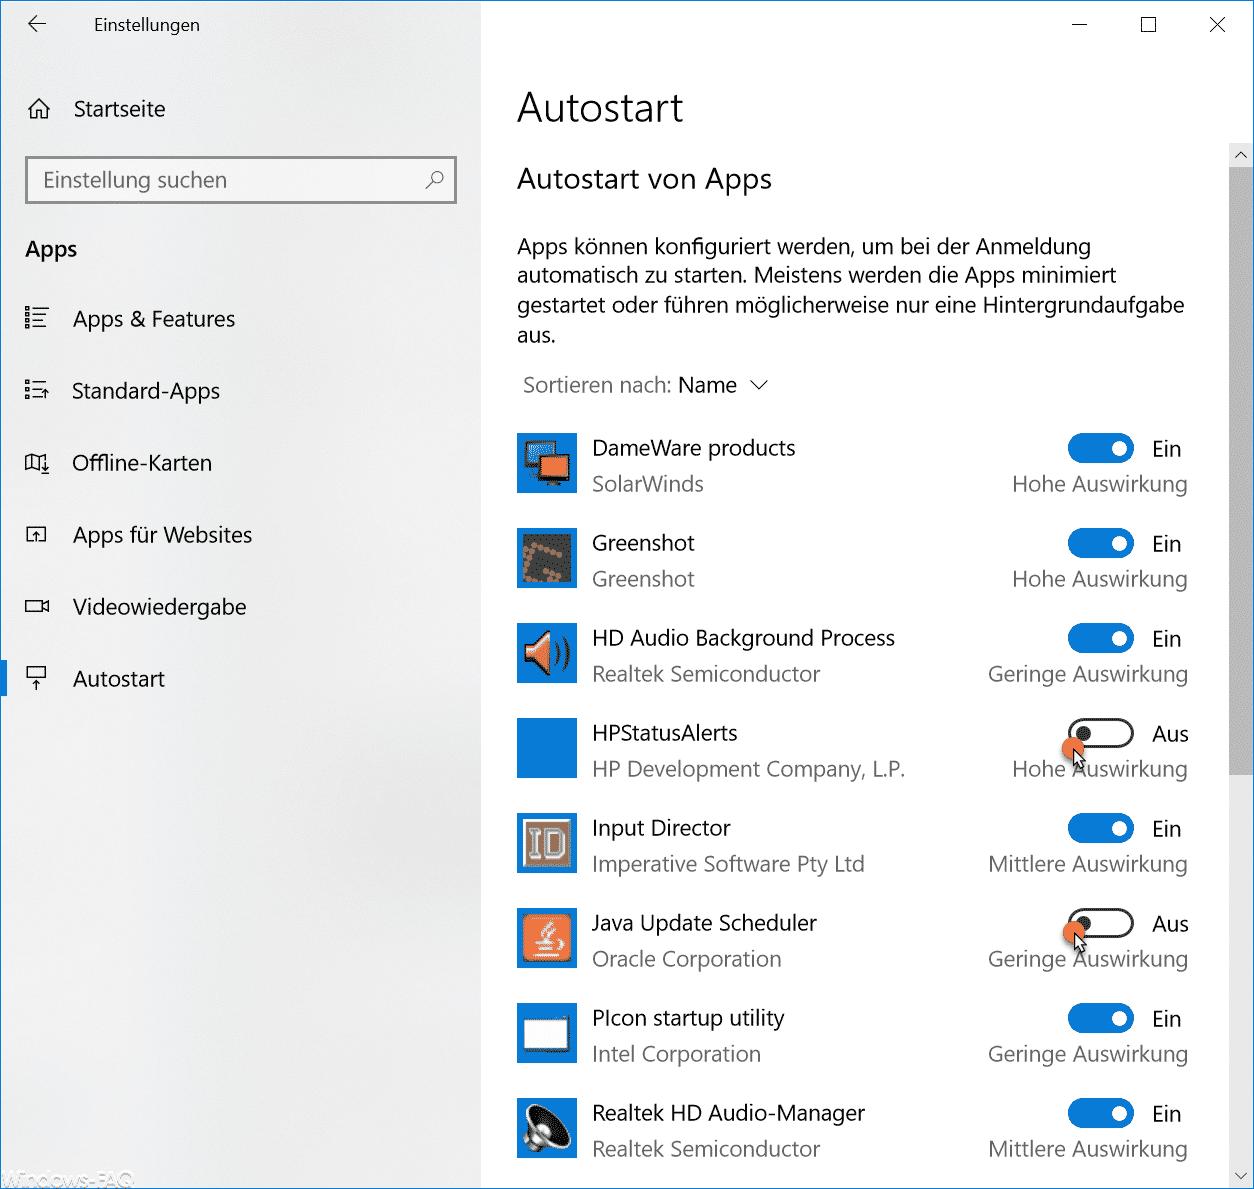 Autostart von Apps